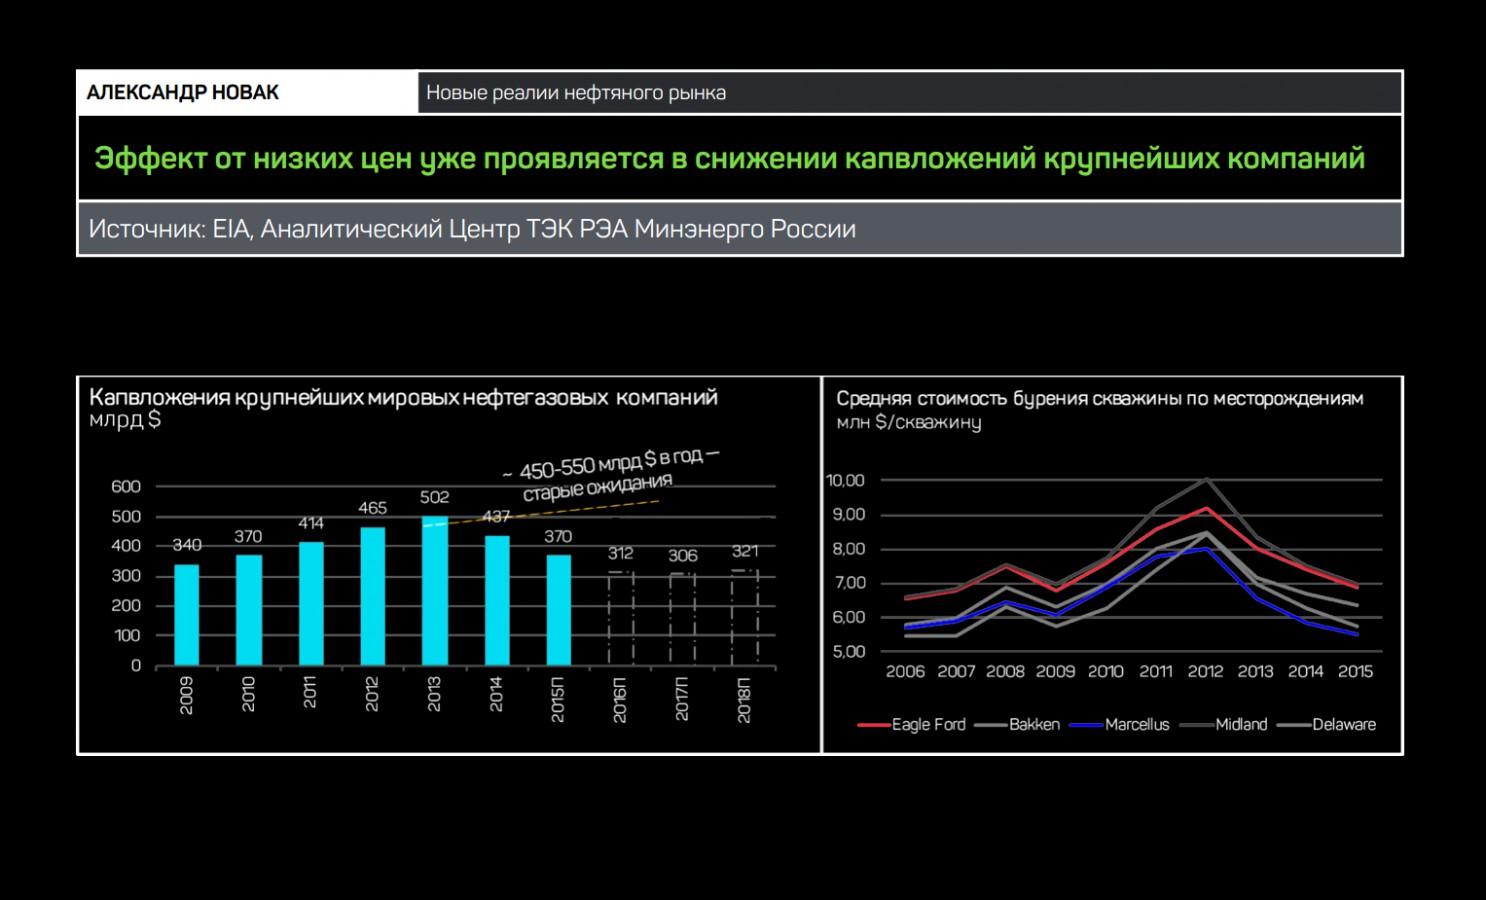 Новак: рынком нефти правит рынок, а не ОПЕК (лекция)